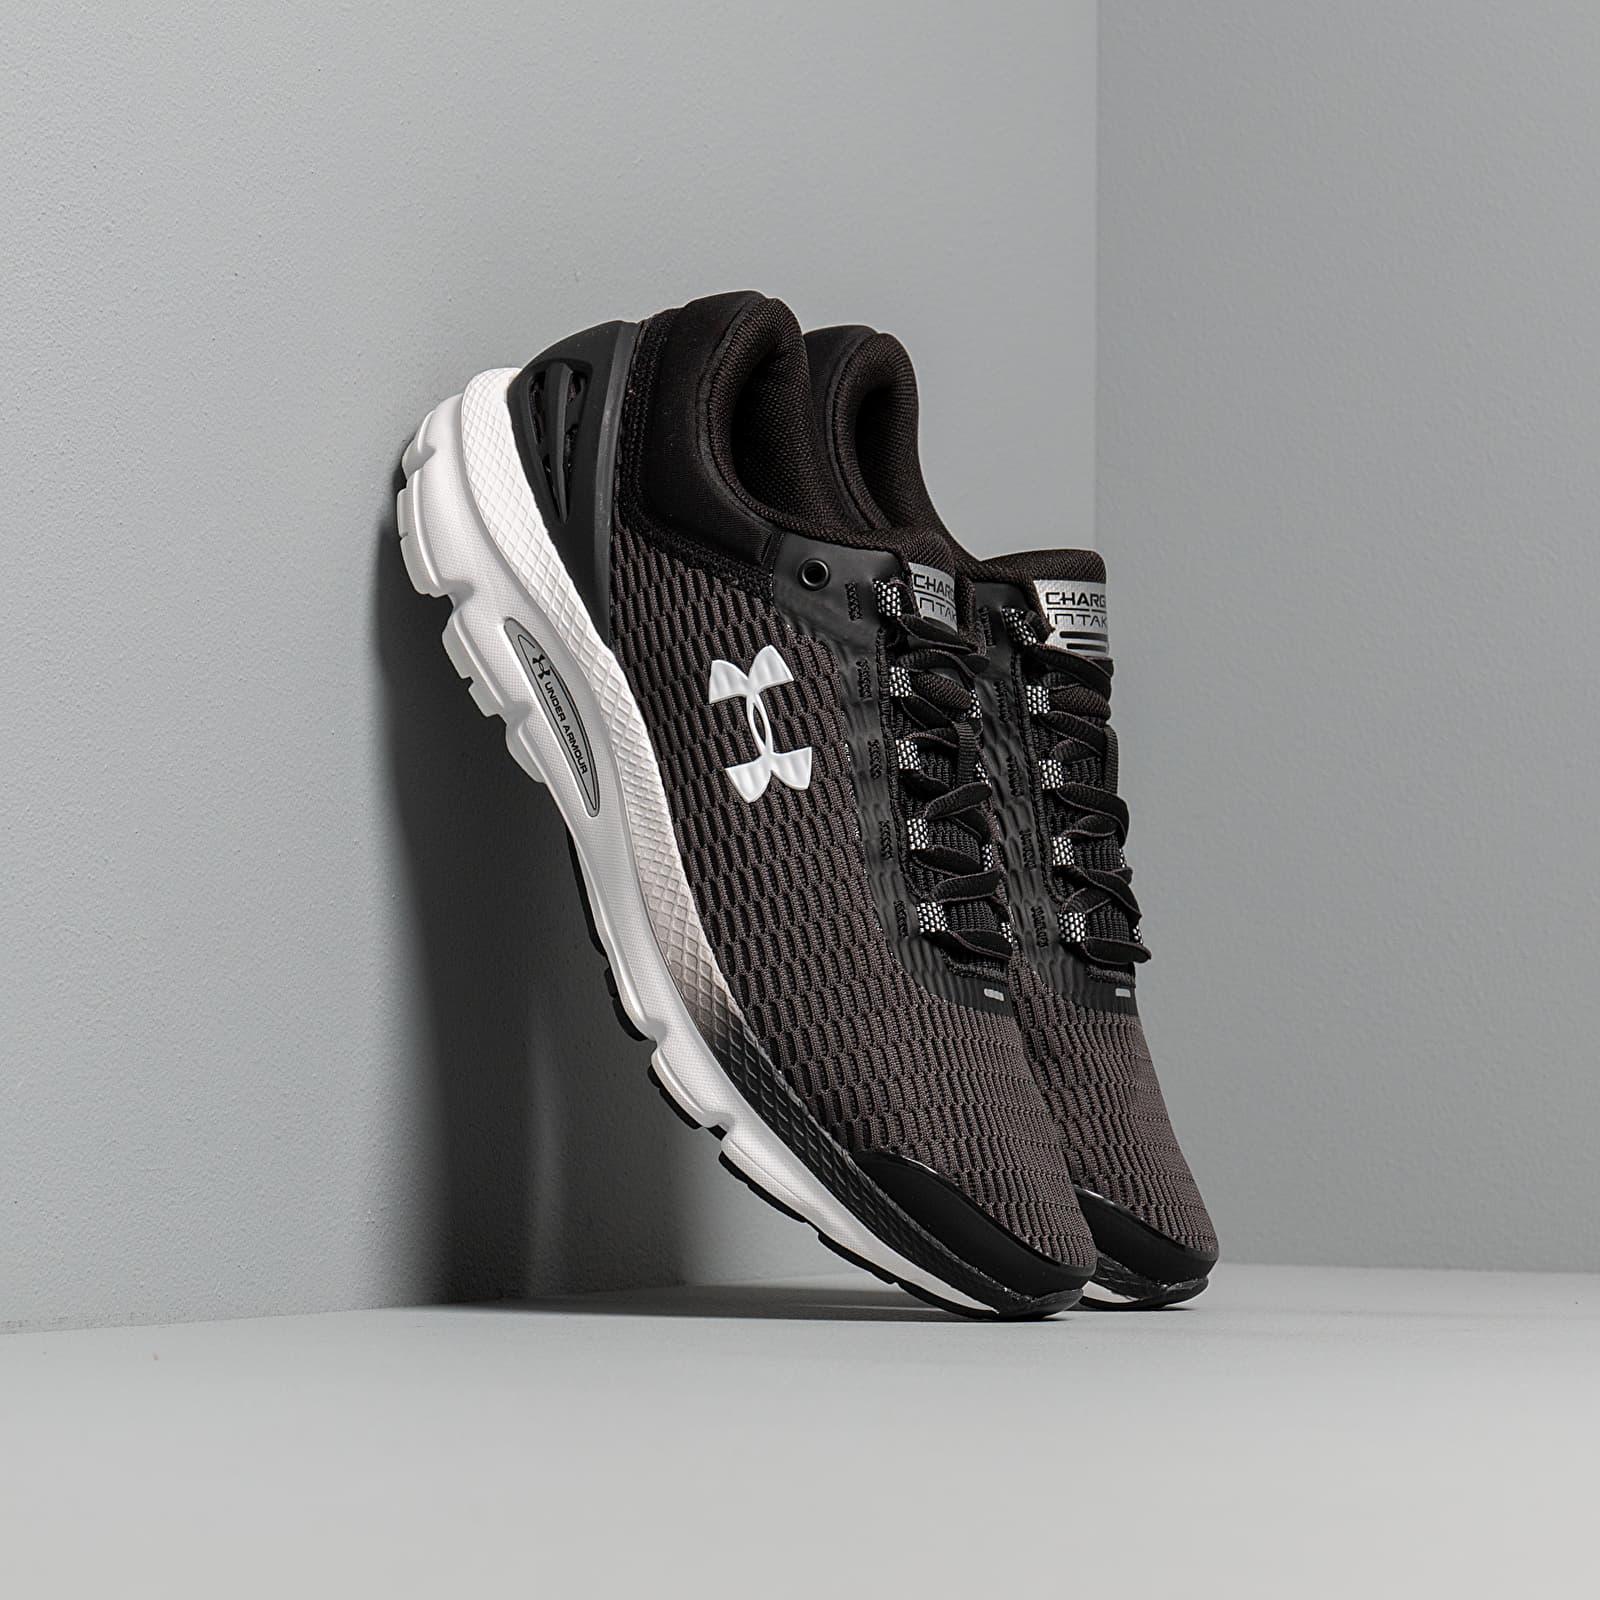 Ανδρικά παπούτσια Under Armour Charged Intake 3 Black/ White/ White